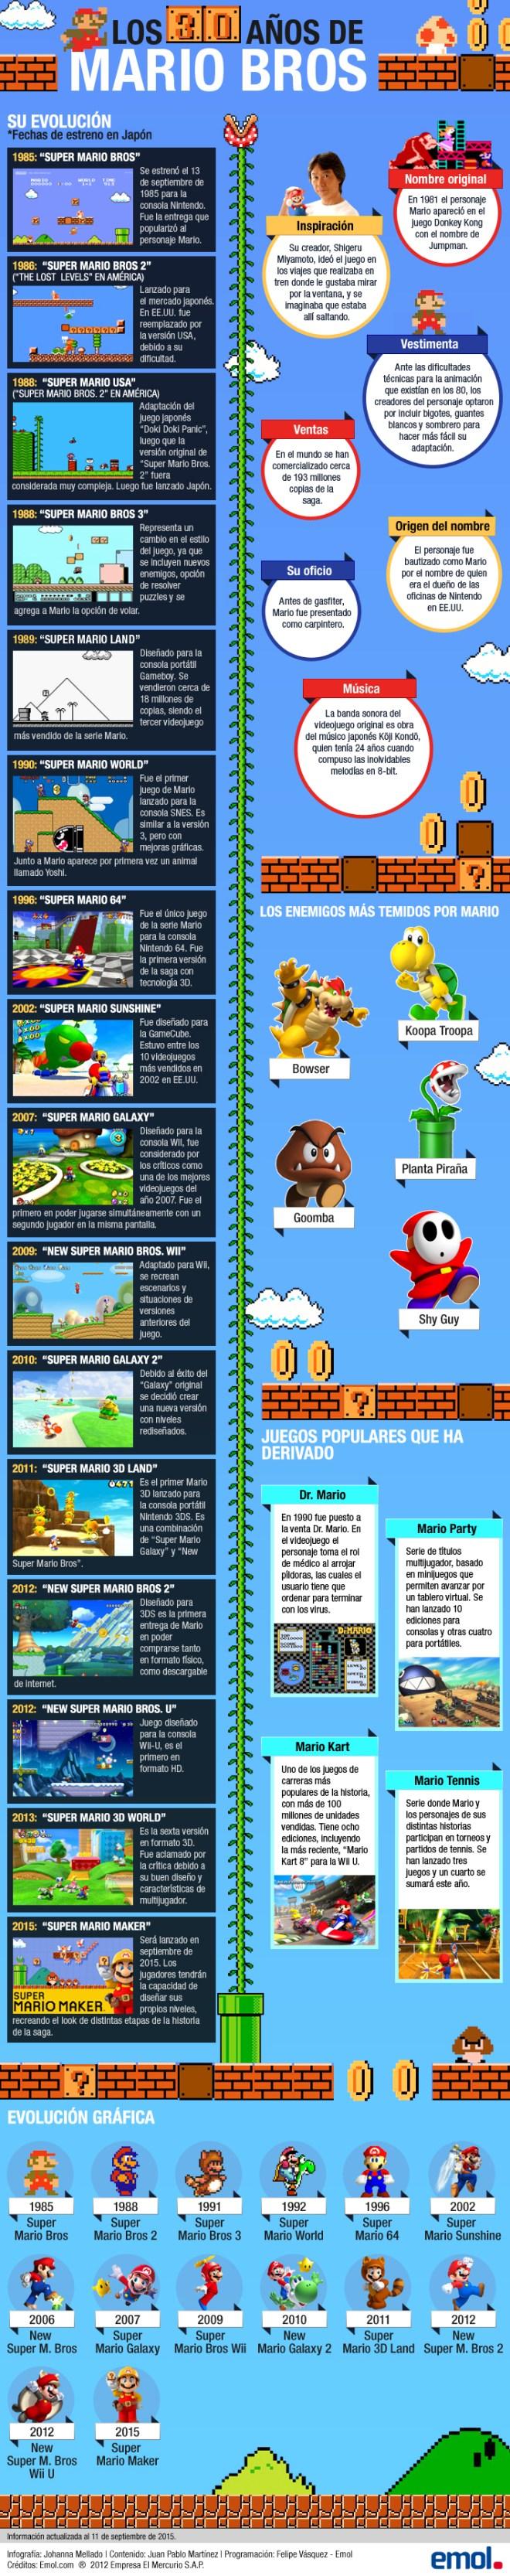 30 primeros años de Mario Bros